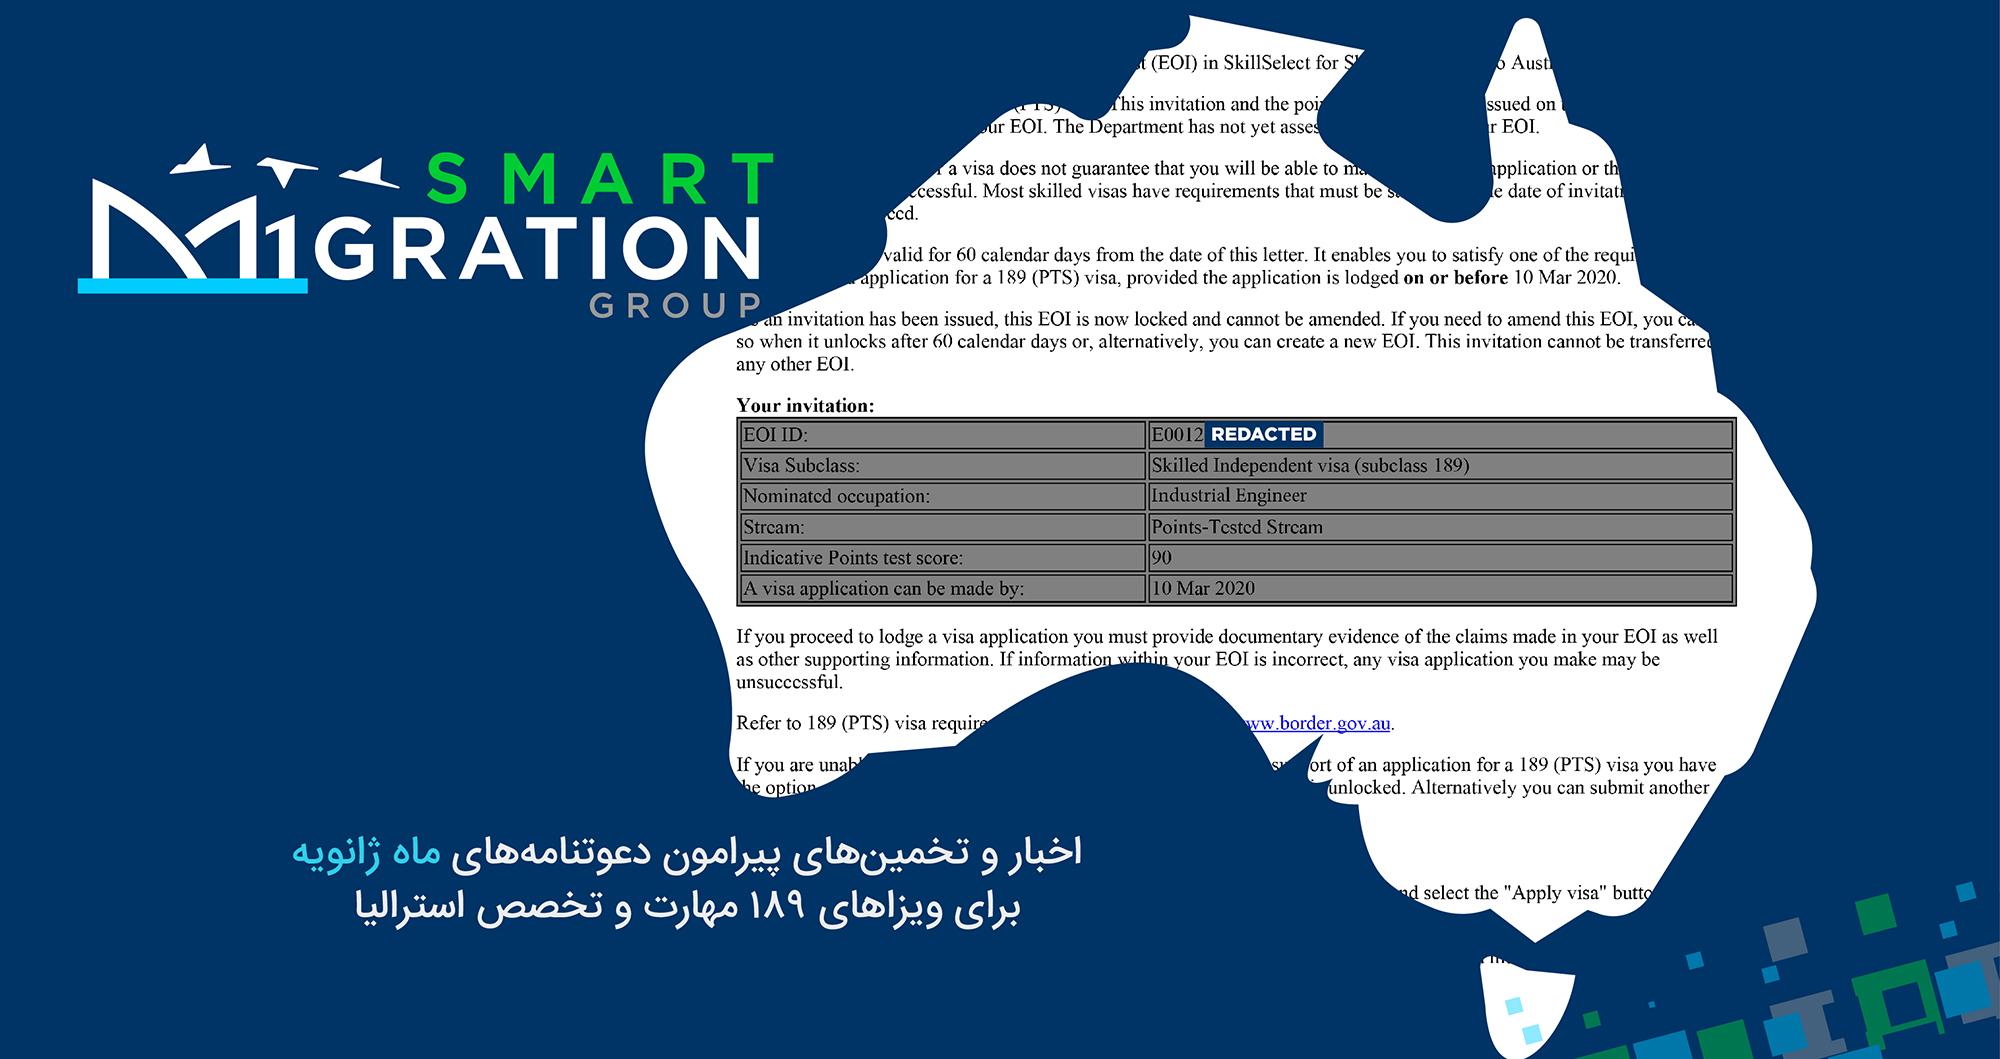 دعوتنامه های ماه ژانویه برای ویزای مهارت و تخصص ۱۸۹ و ویزای ۴۹۱ خانوادگی صادر شد. این دعوتنامه ها در ماه ژانویه در روز ۱۰ام ماه صادر شدند که احتمالا به دلیل تعطیل بودن روز ۱۱ام این تغییر اعمال شده است.